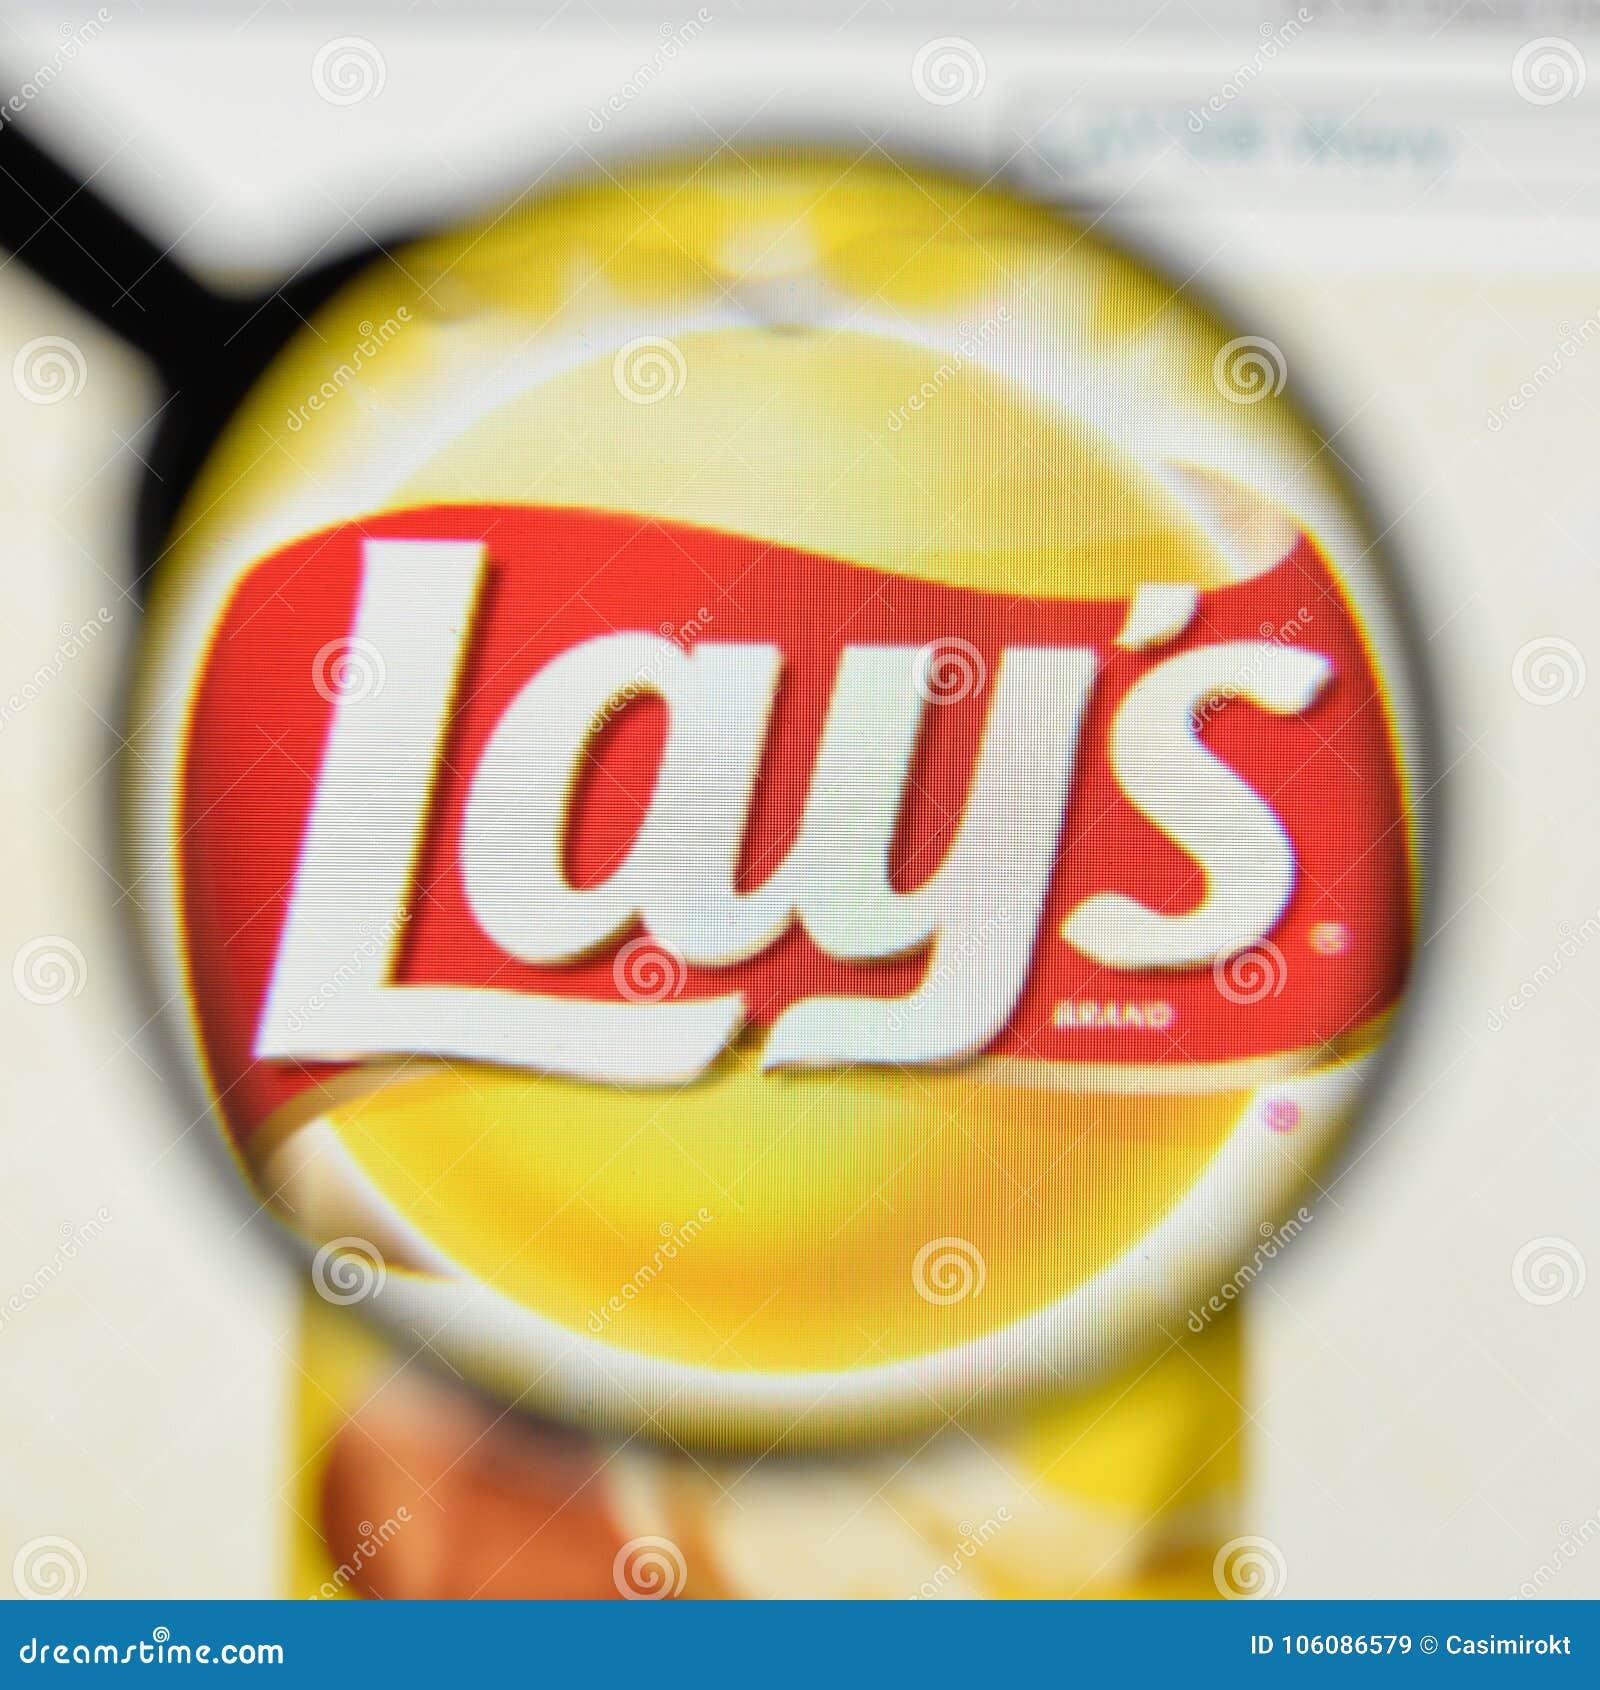 Milan Italy November 1 2017 Lays Potato Chips Logo On The